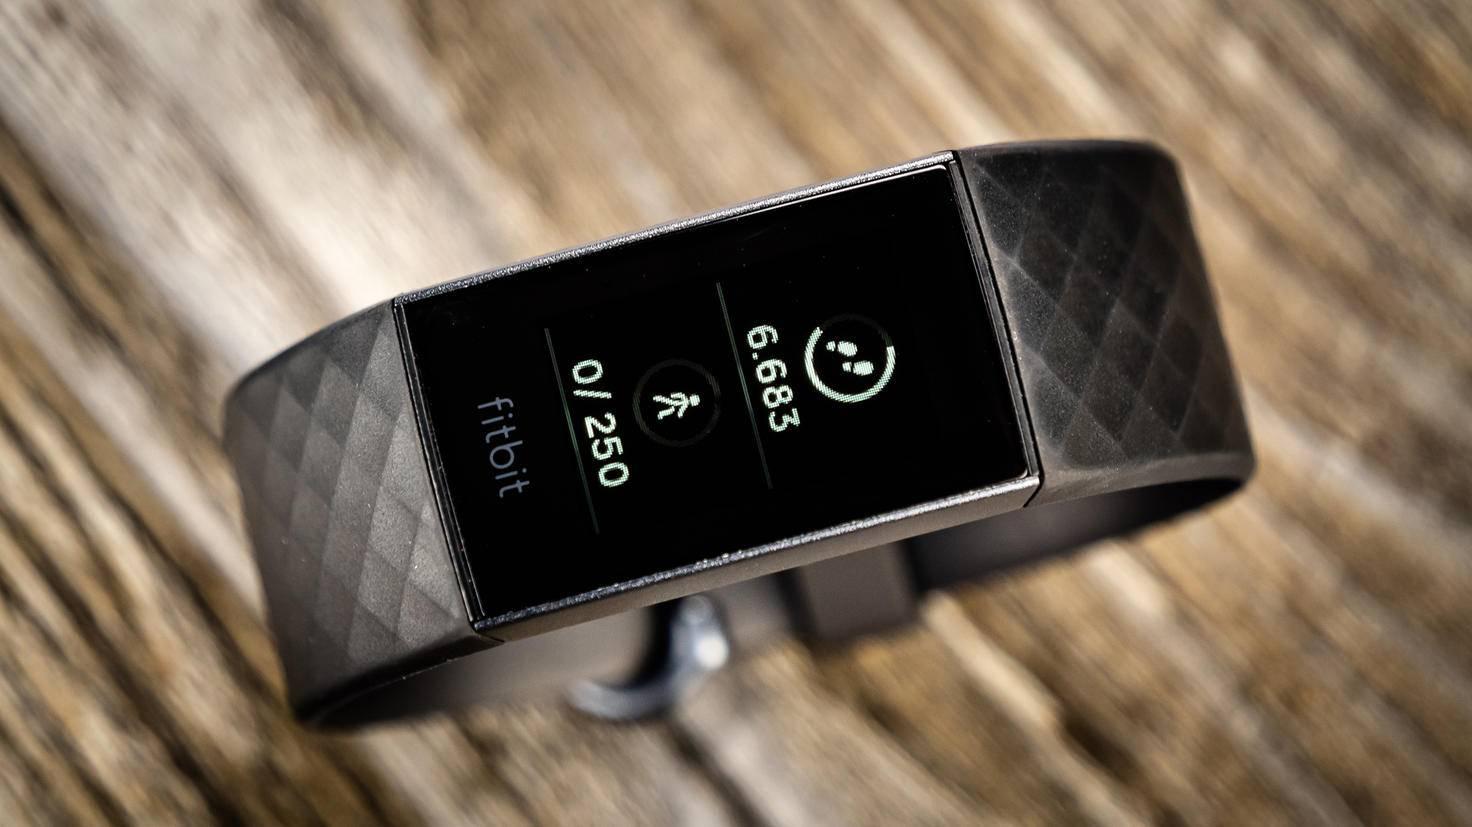 Mit dem Fitbit Charge 3 bekommst Du einen sehr guten Fitness-Tracker.